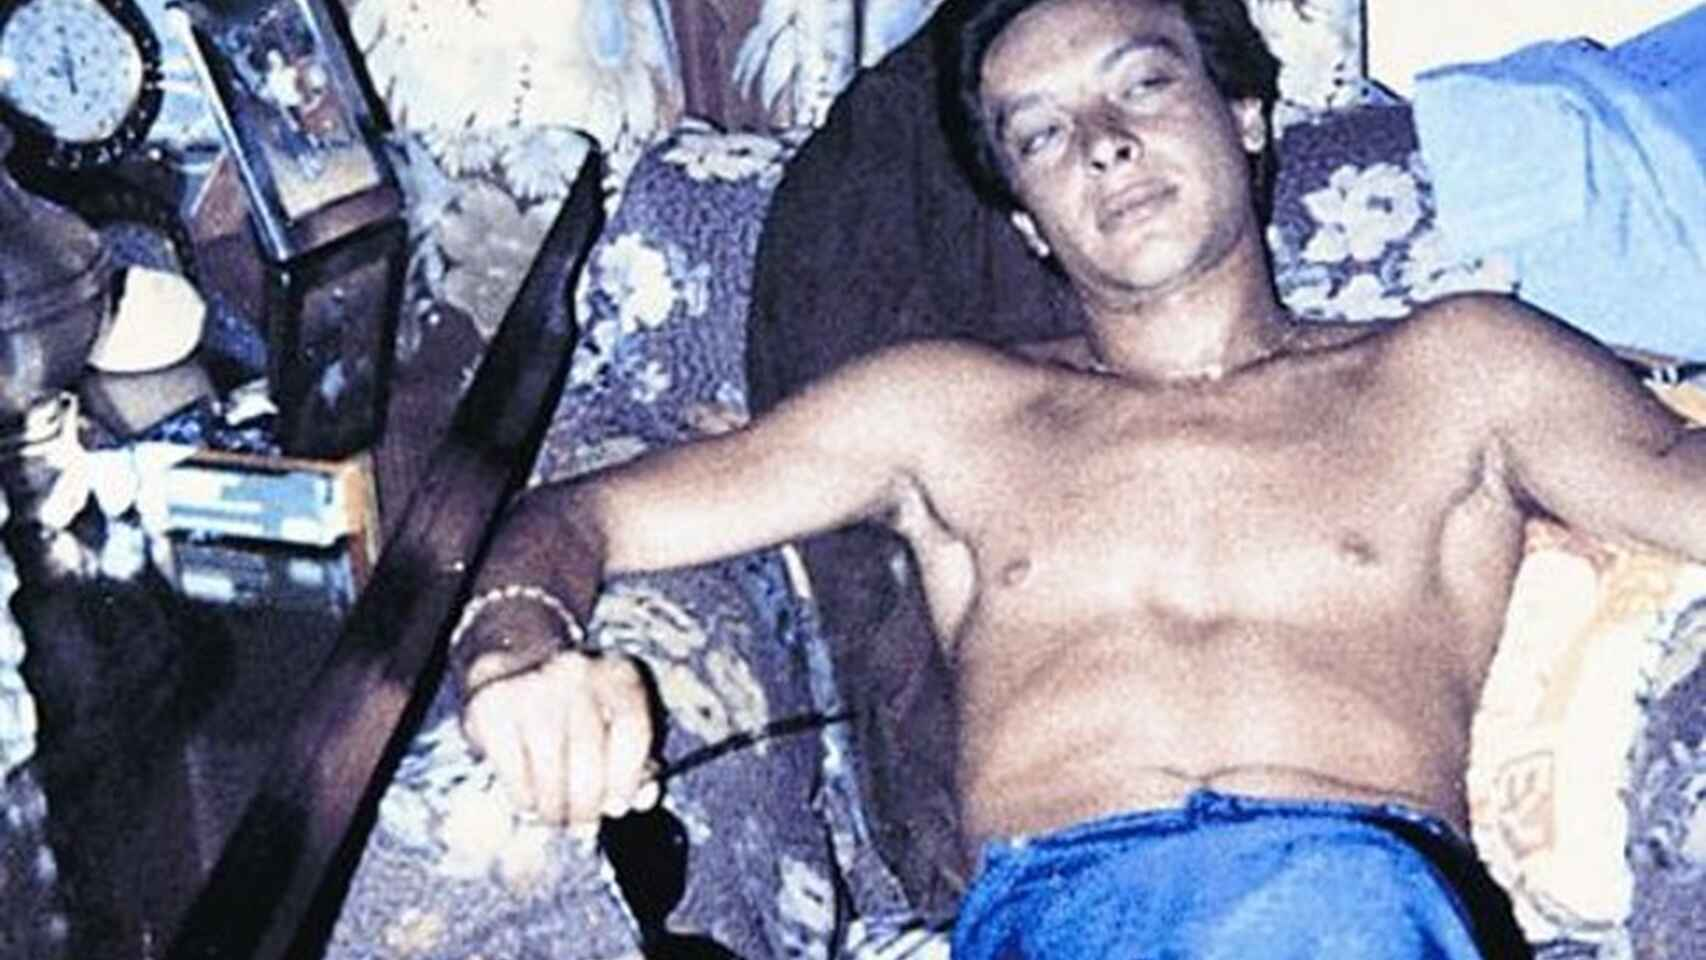 El delincuente Santiago Corella Ruiz se convirtió en protagonista de un caso de corrupción policial durante la Transición.